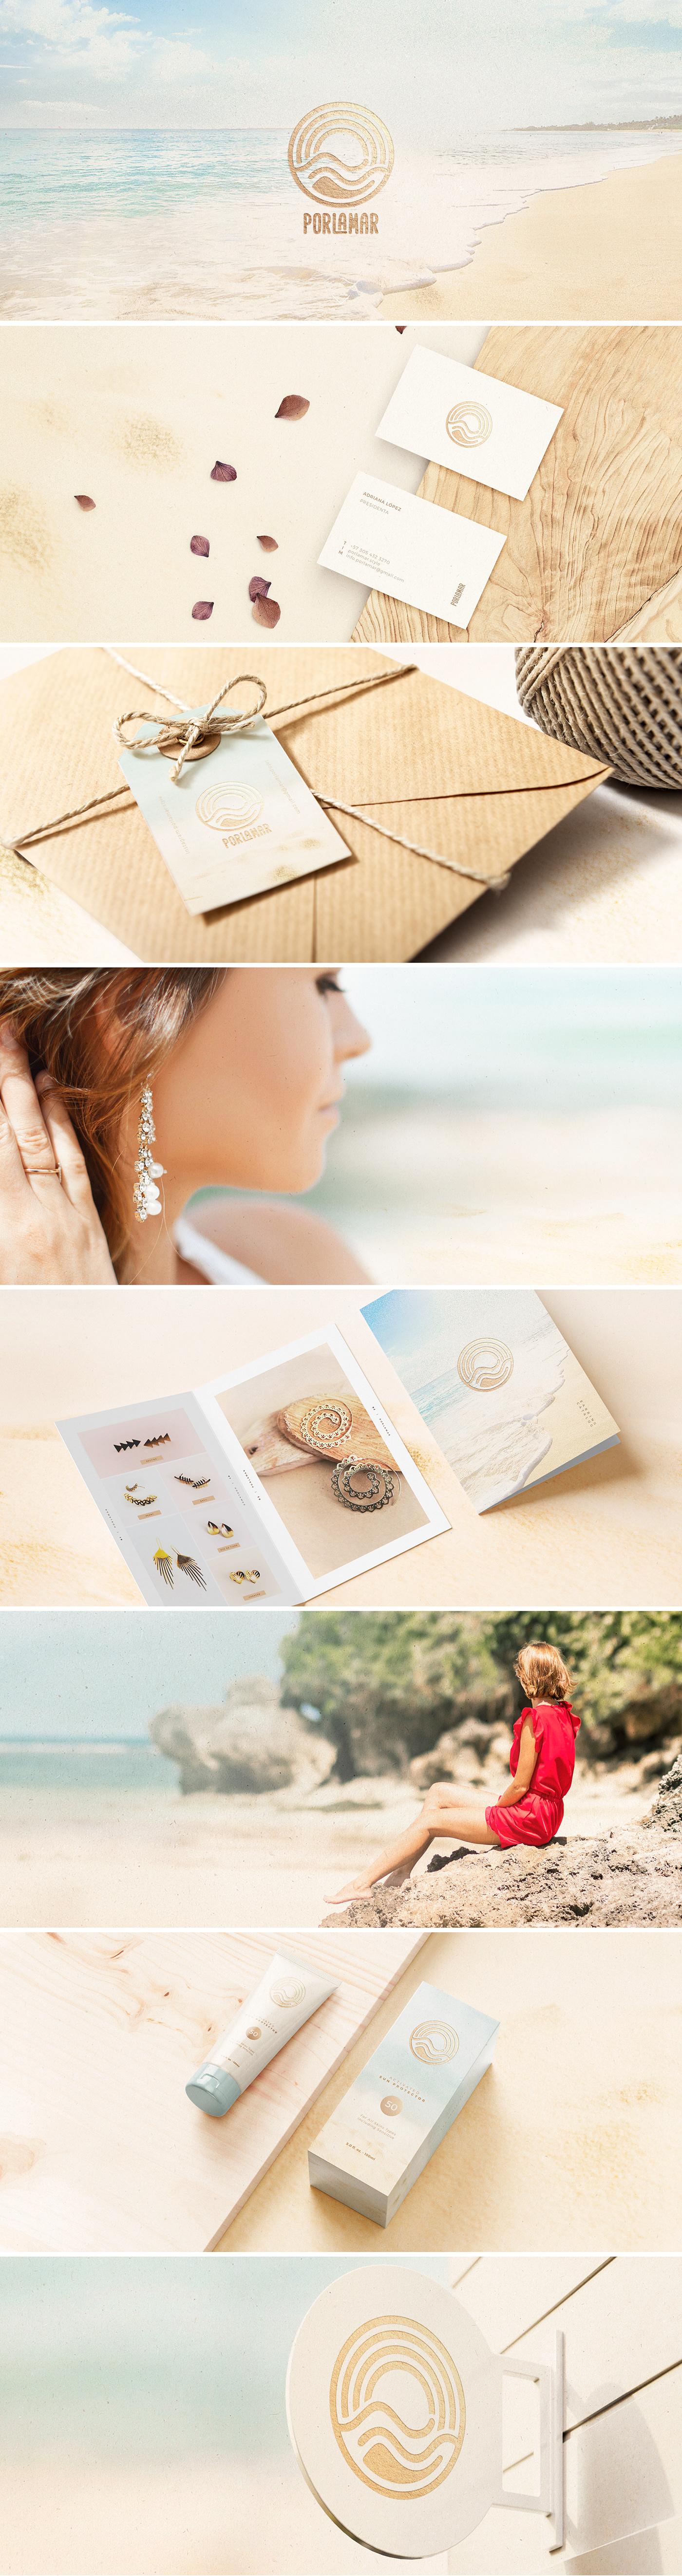 Earring moda beach logo Cosmetic beauty